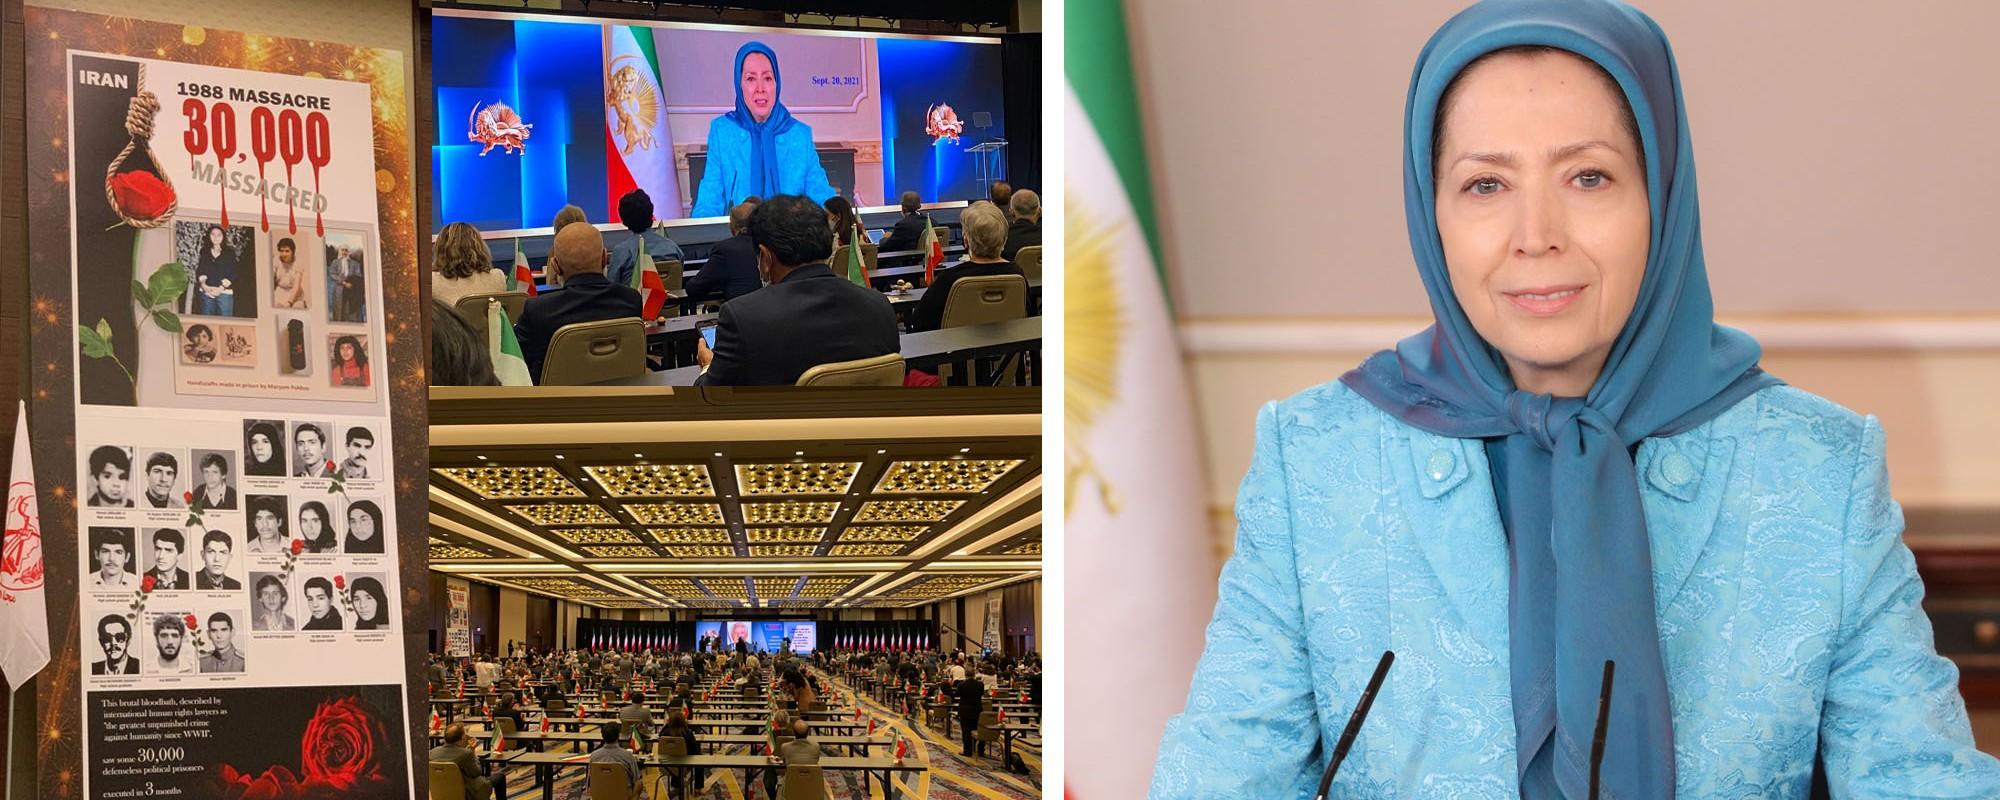 Appel à demander des comptes à Raïssi pour le massacre de 1988 en Iran